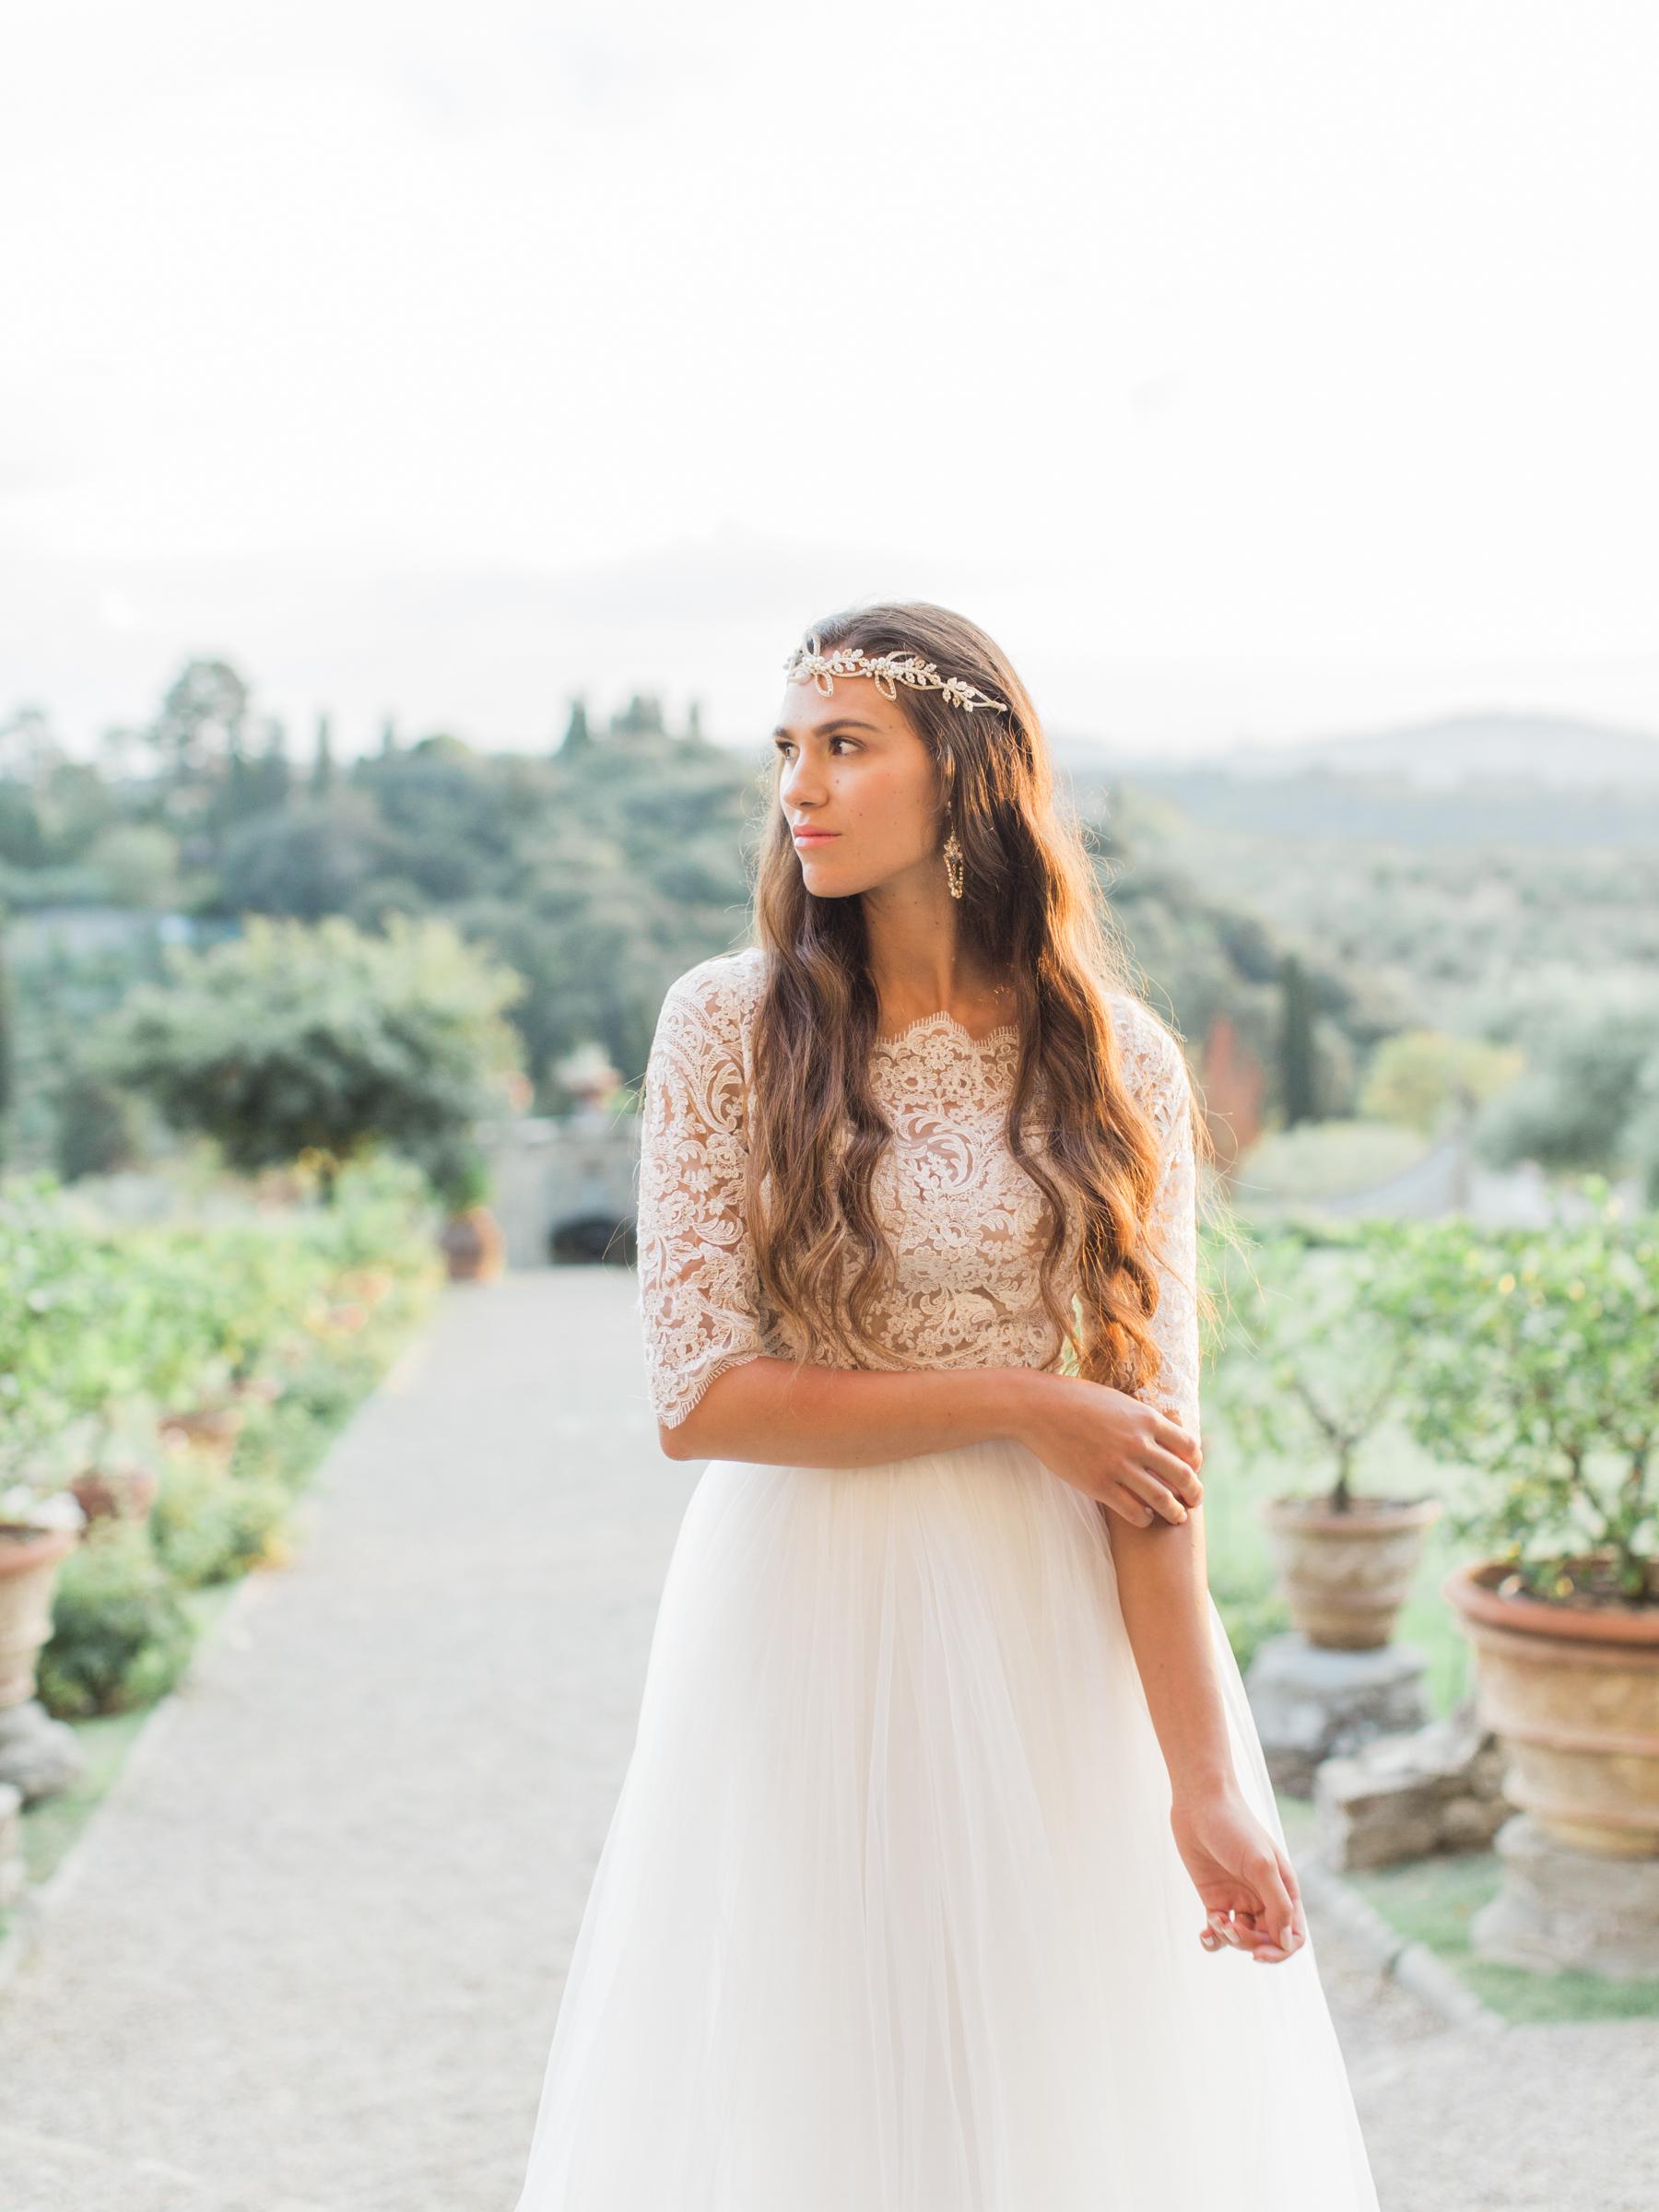 Italian Bridal-194.jpg